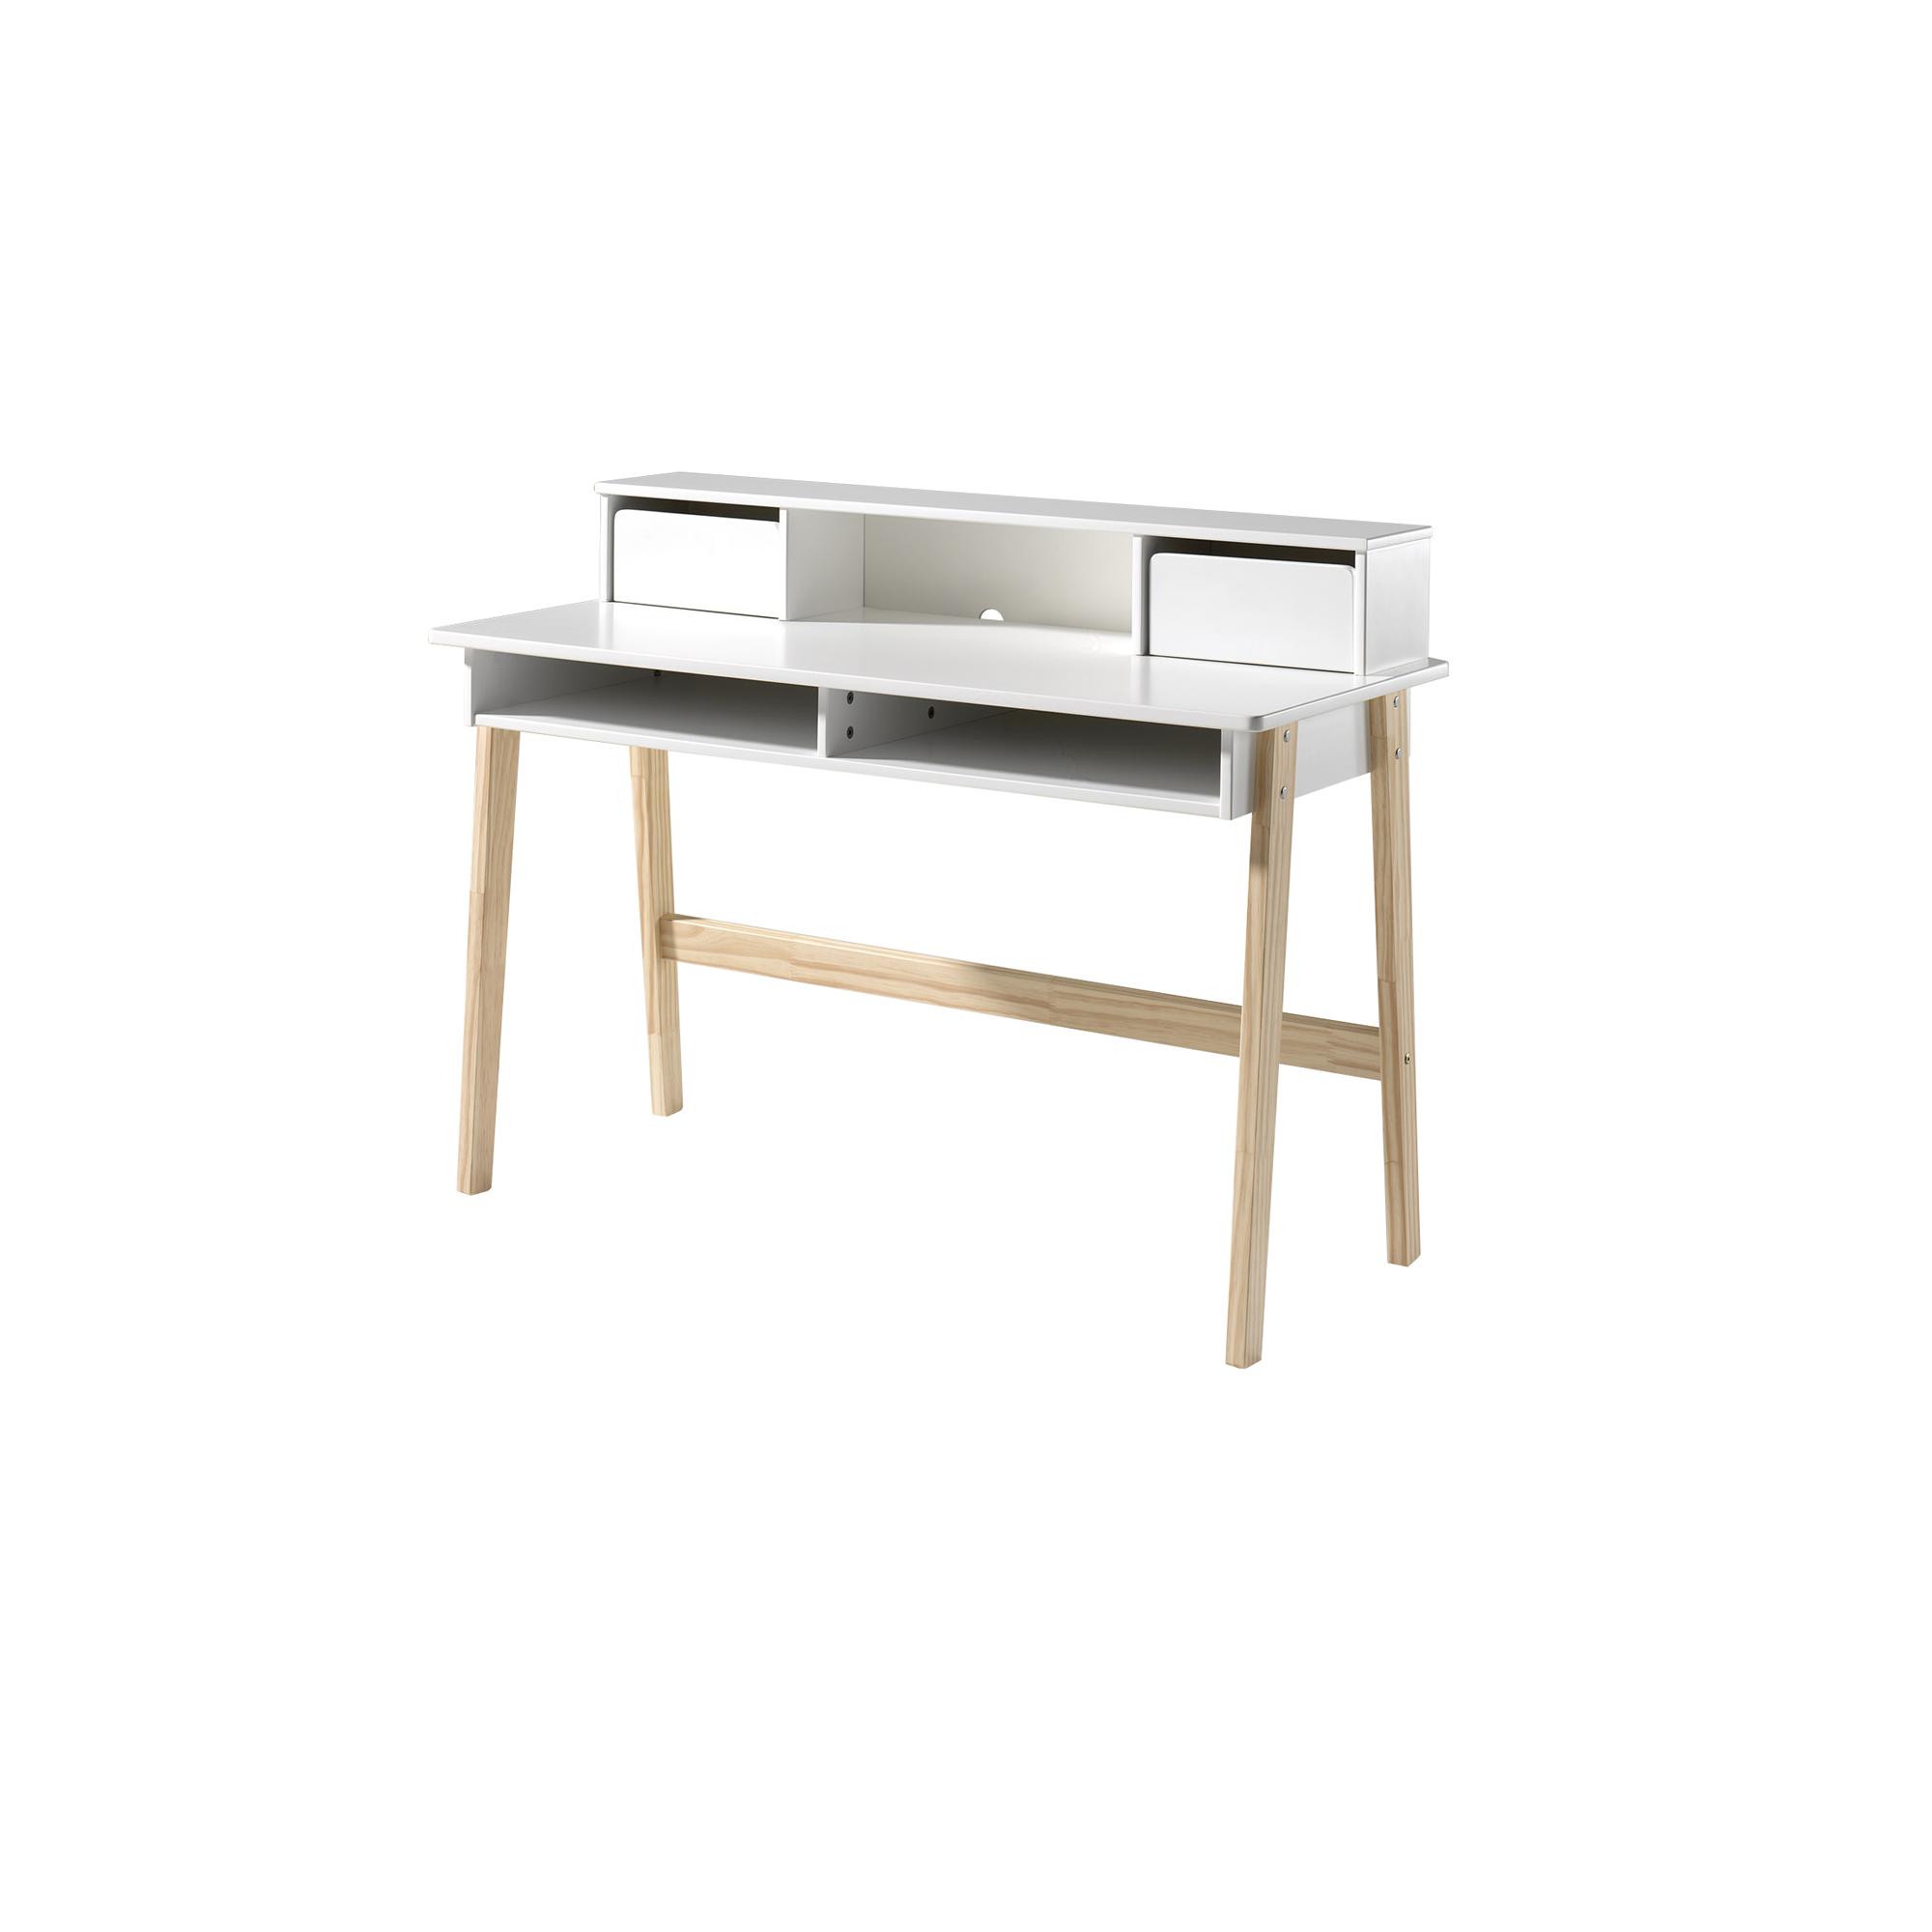 schreibtisch kiddy mit aufsatz 2 schubladen 2 f cher wei kiefer natur kinder. Black Bedroom Furniture Sets. Home Design Ideas